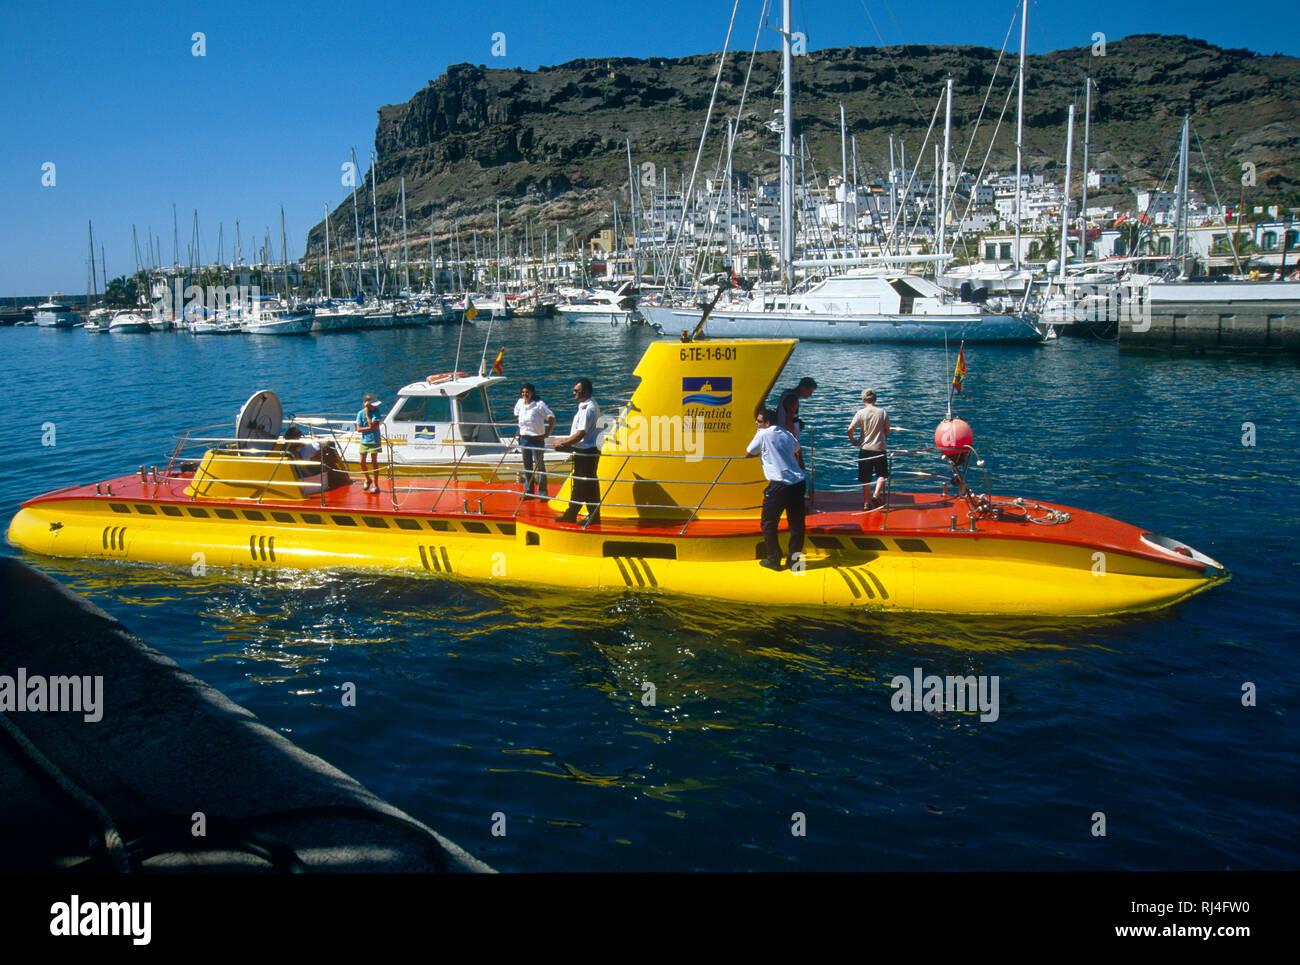 Puerto de Mog?n, Abenteuer-U-Boot, Hafen - Stock Image